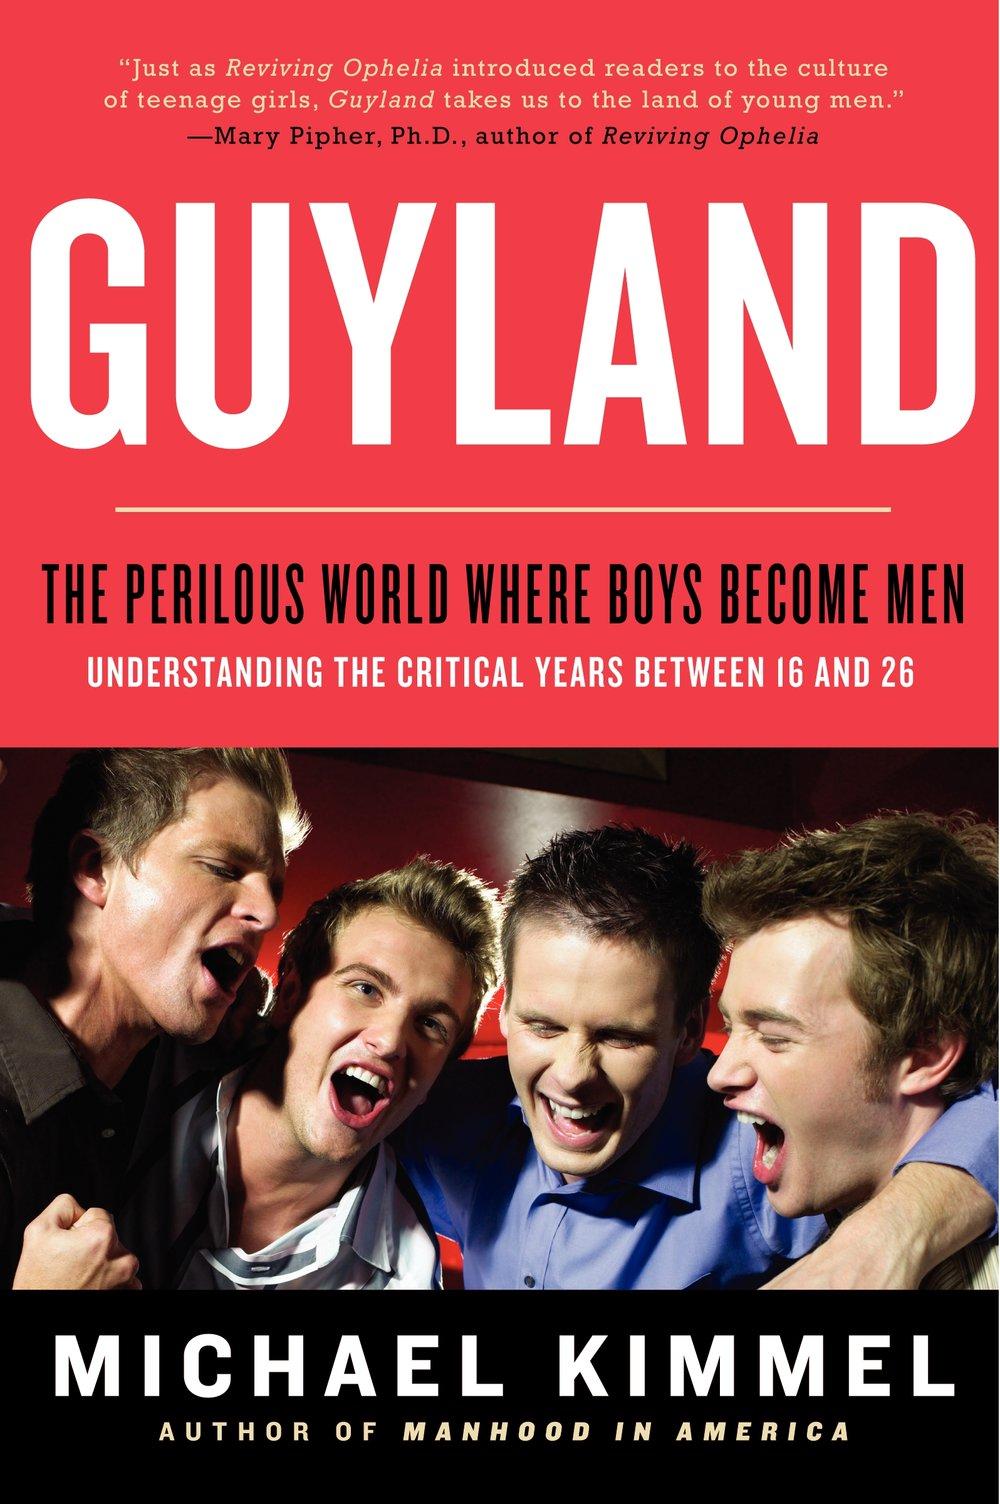 WSU-2012-Common-Book-Guyland1-2.jpg